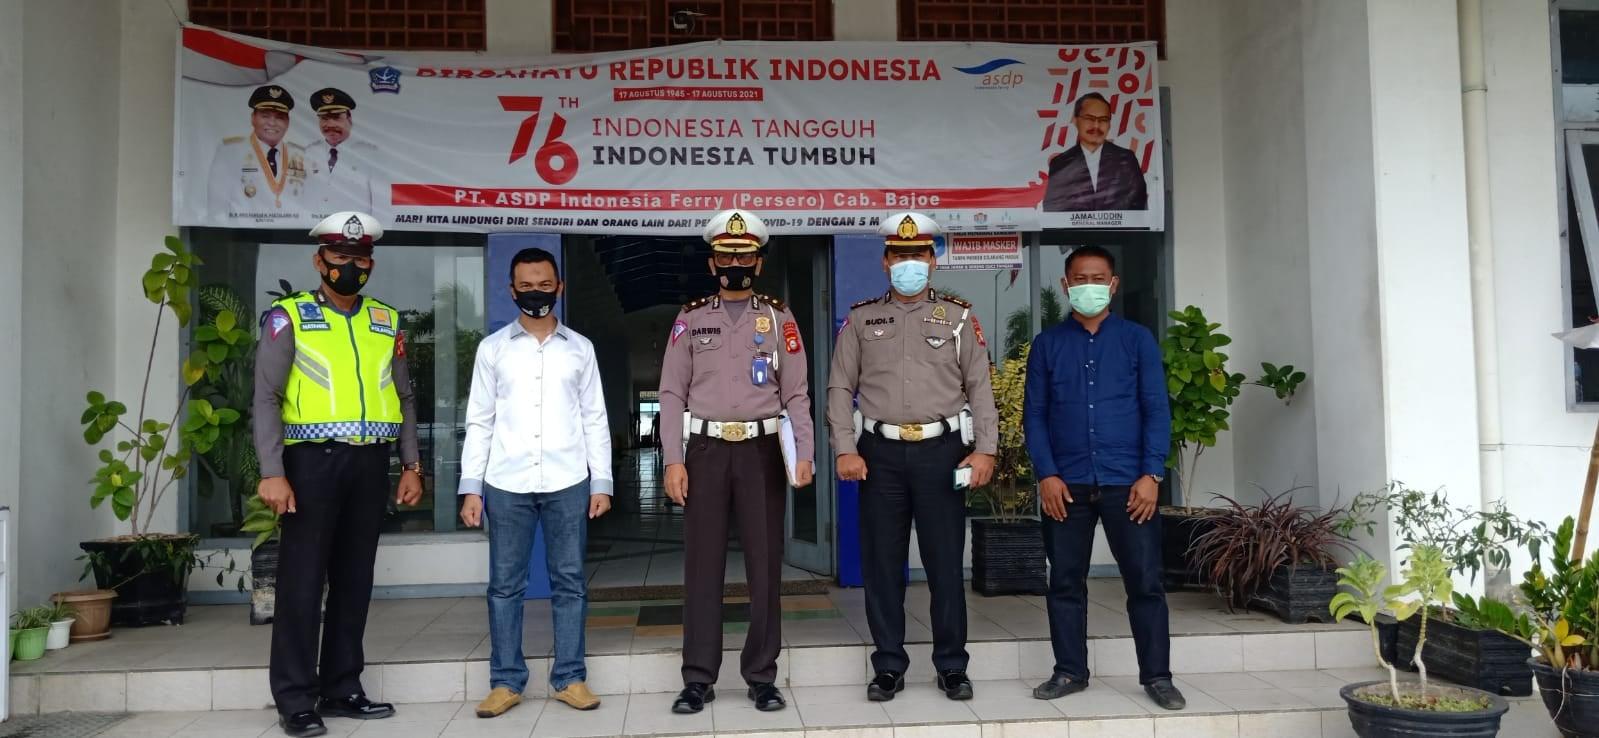 Tim Supervisi Subdit Kamsel Dit Lantas Polda Sulsel lakukan survey di lokasi ASDP Pelabuhan Bajoe dan sejumlah lokasi lainnya